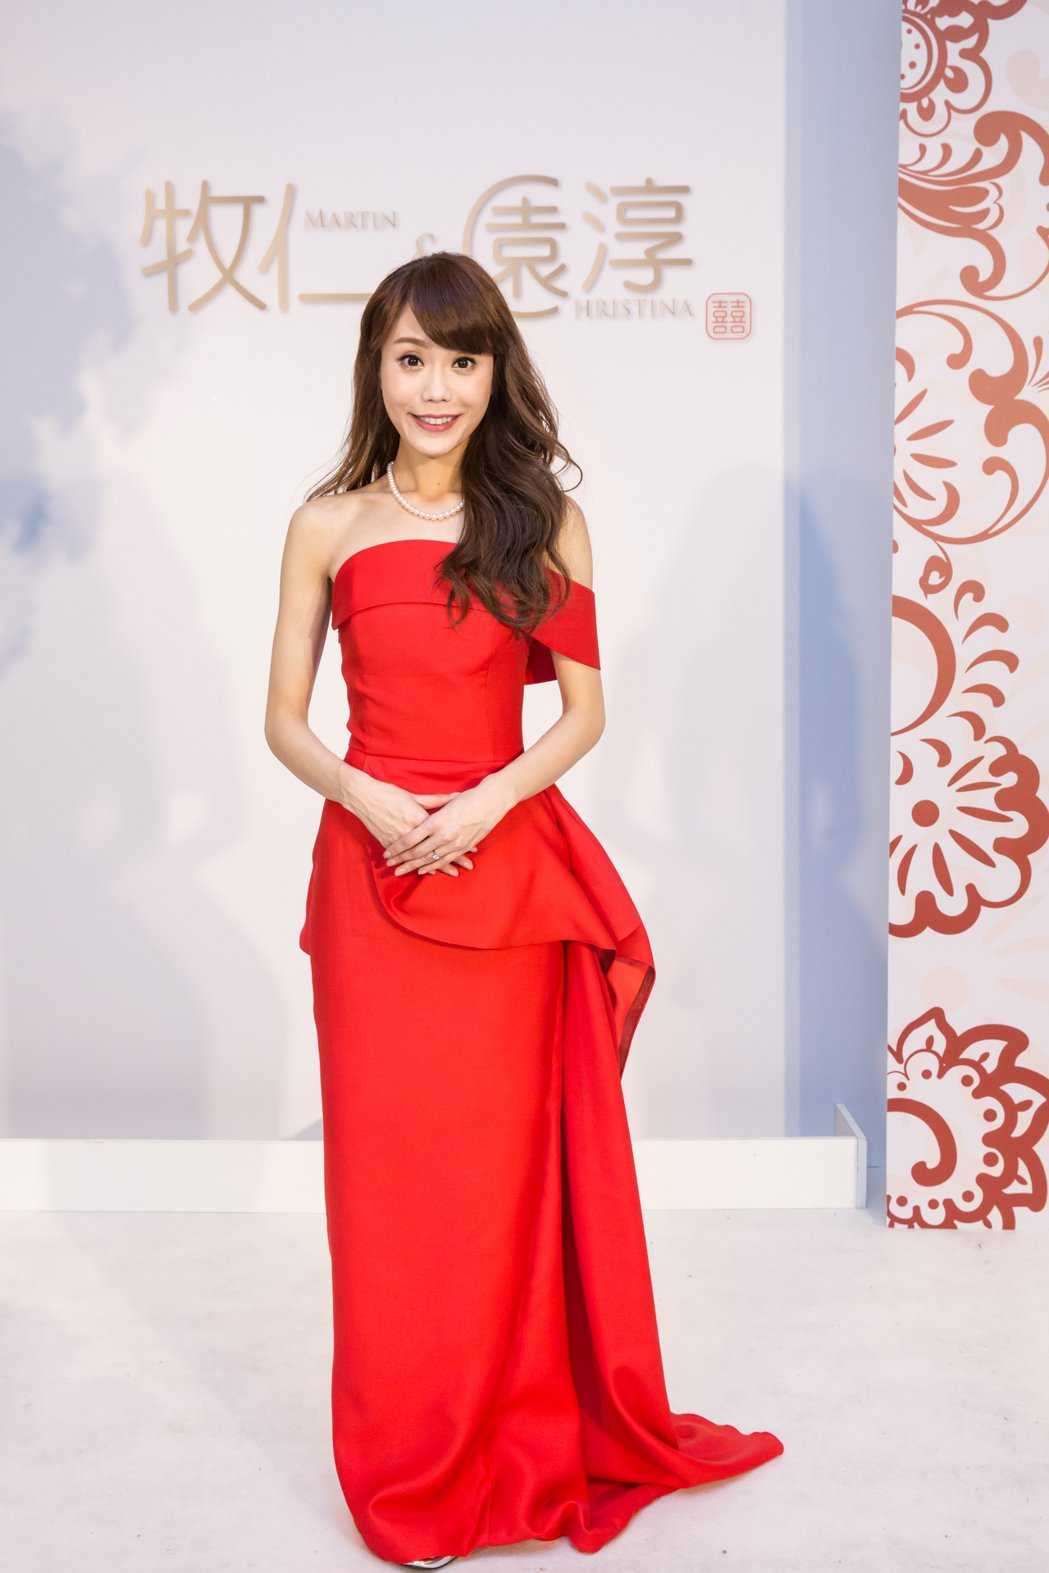 年代主播陳園淳穿上正紅色立體抓皺禮服落落大方。圖/LinLi提供